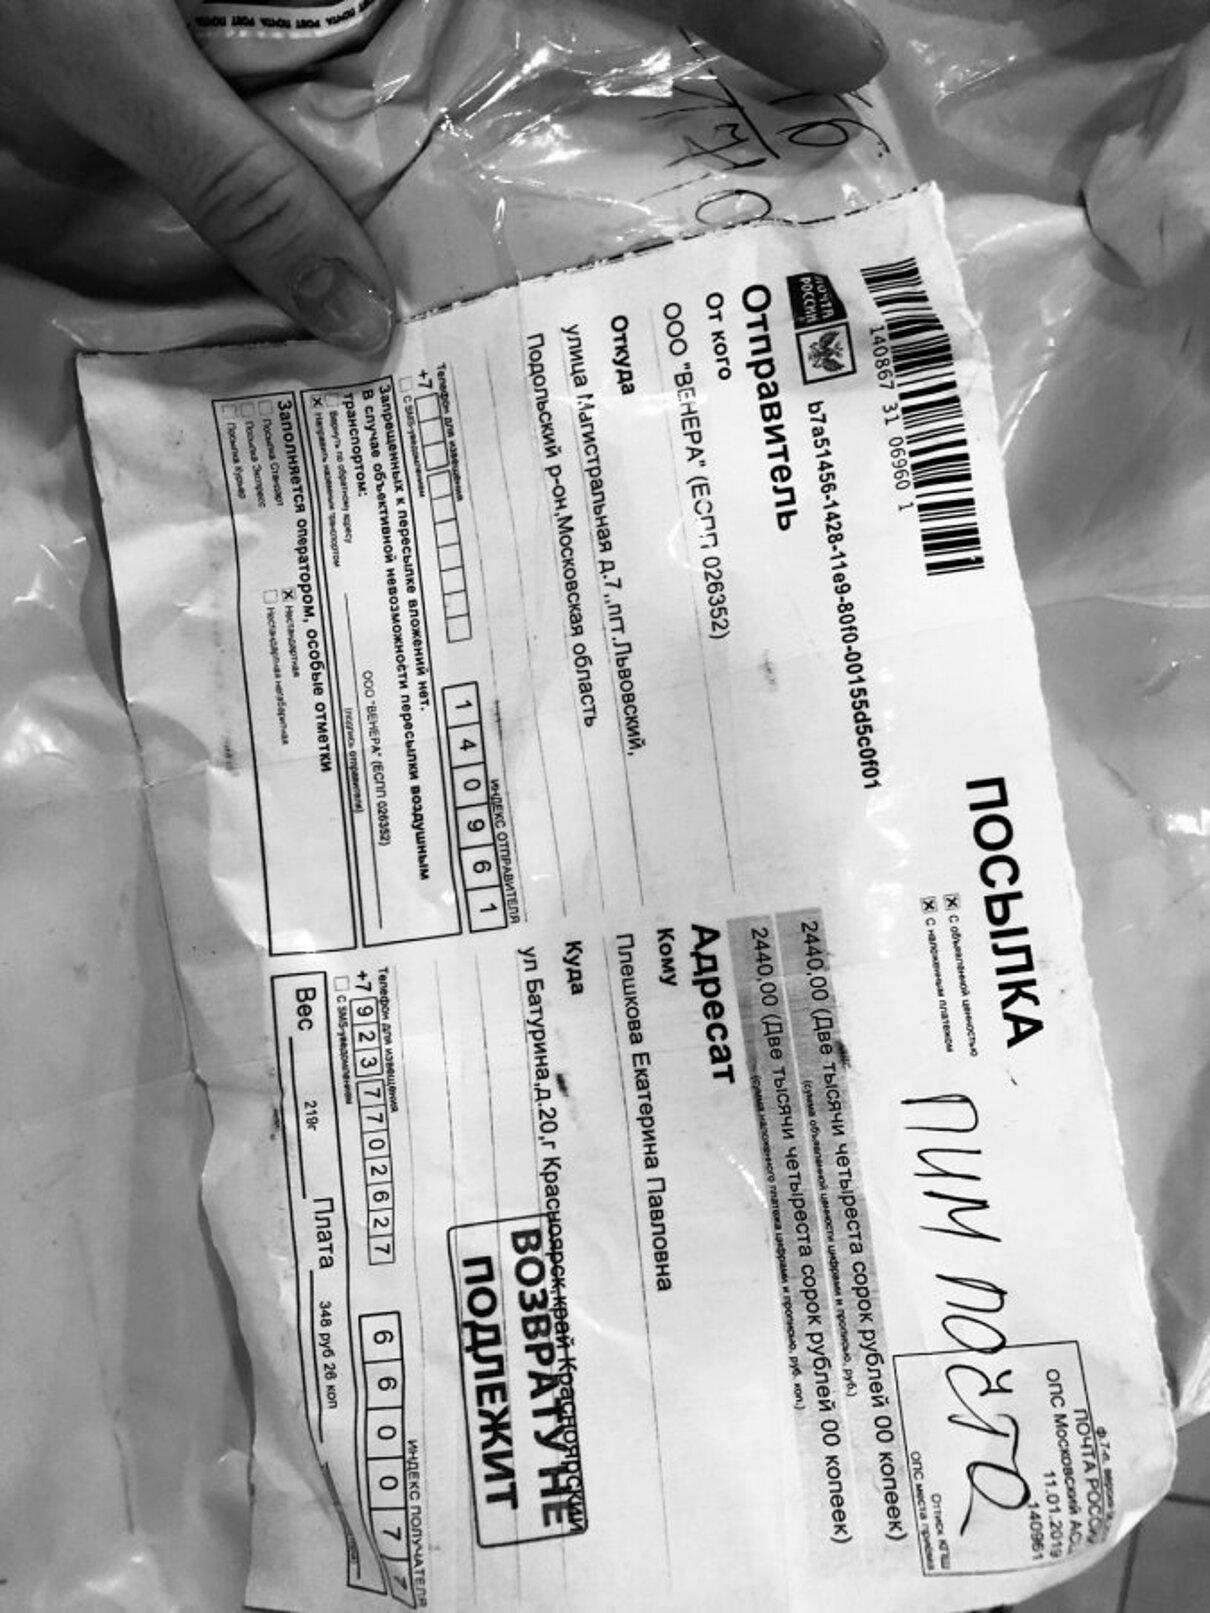 Жалоба-отзыв: Пим почта - Возврат денежных средств за несоответствующий высланный товар